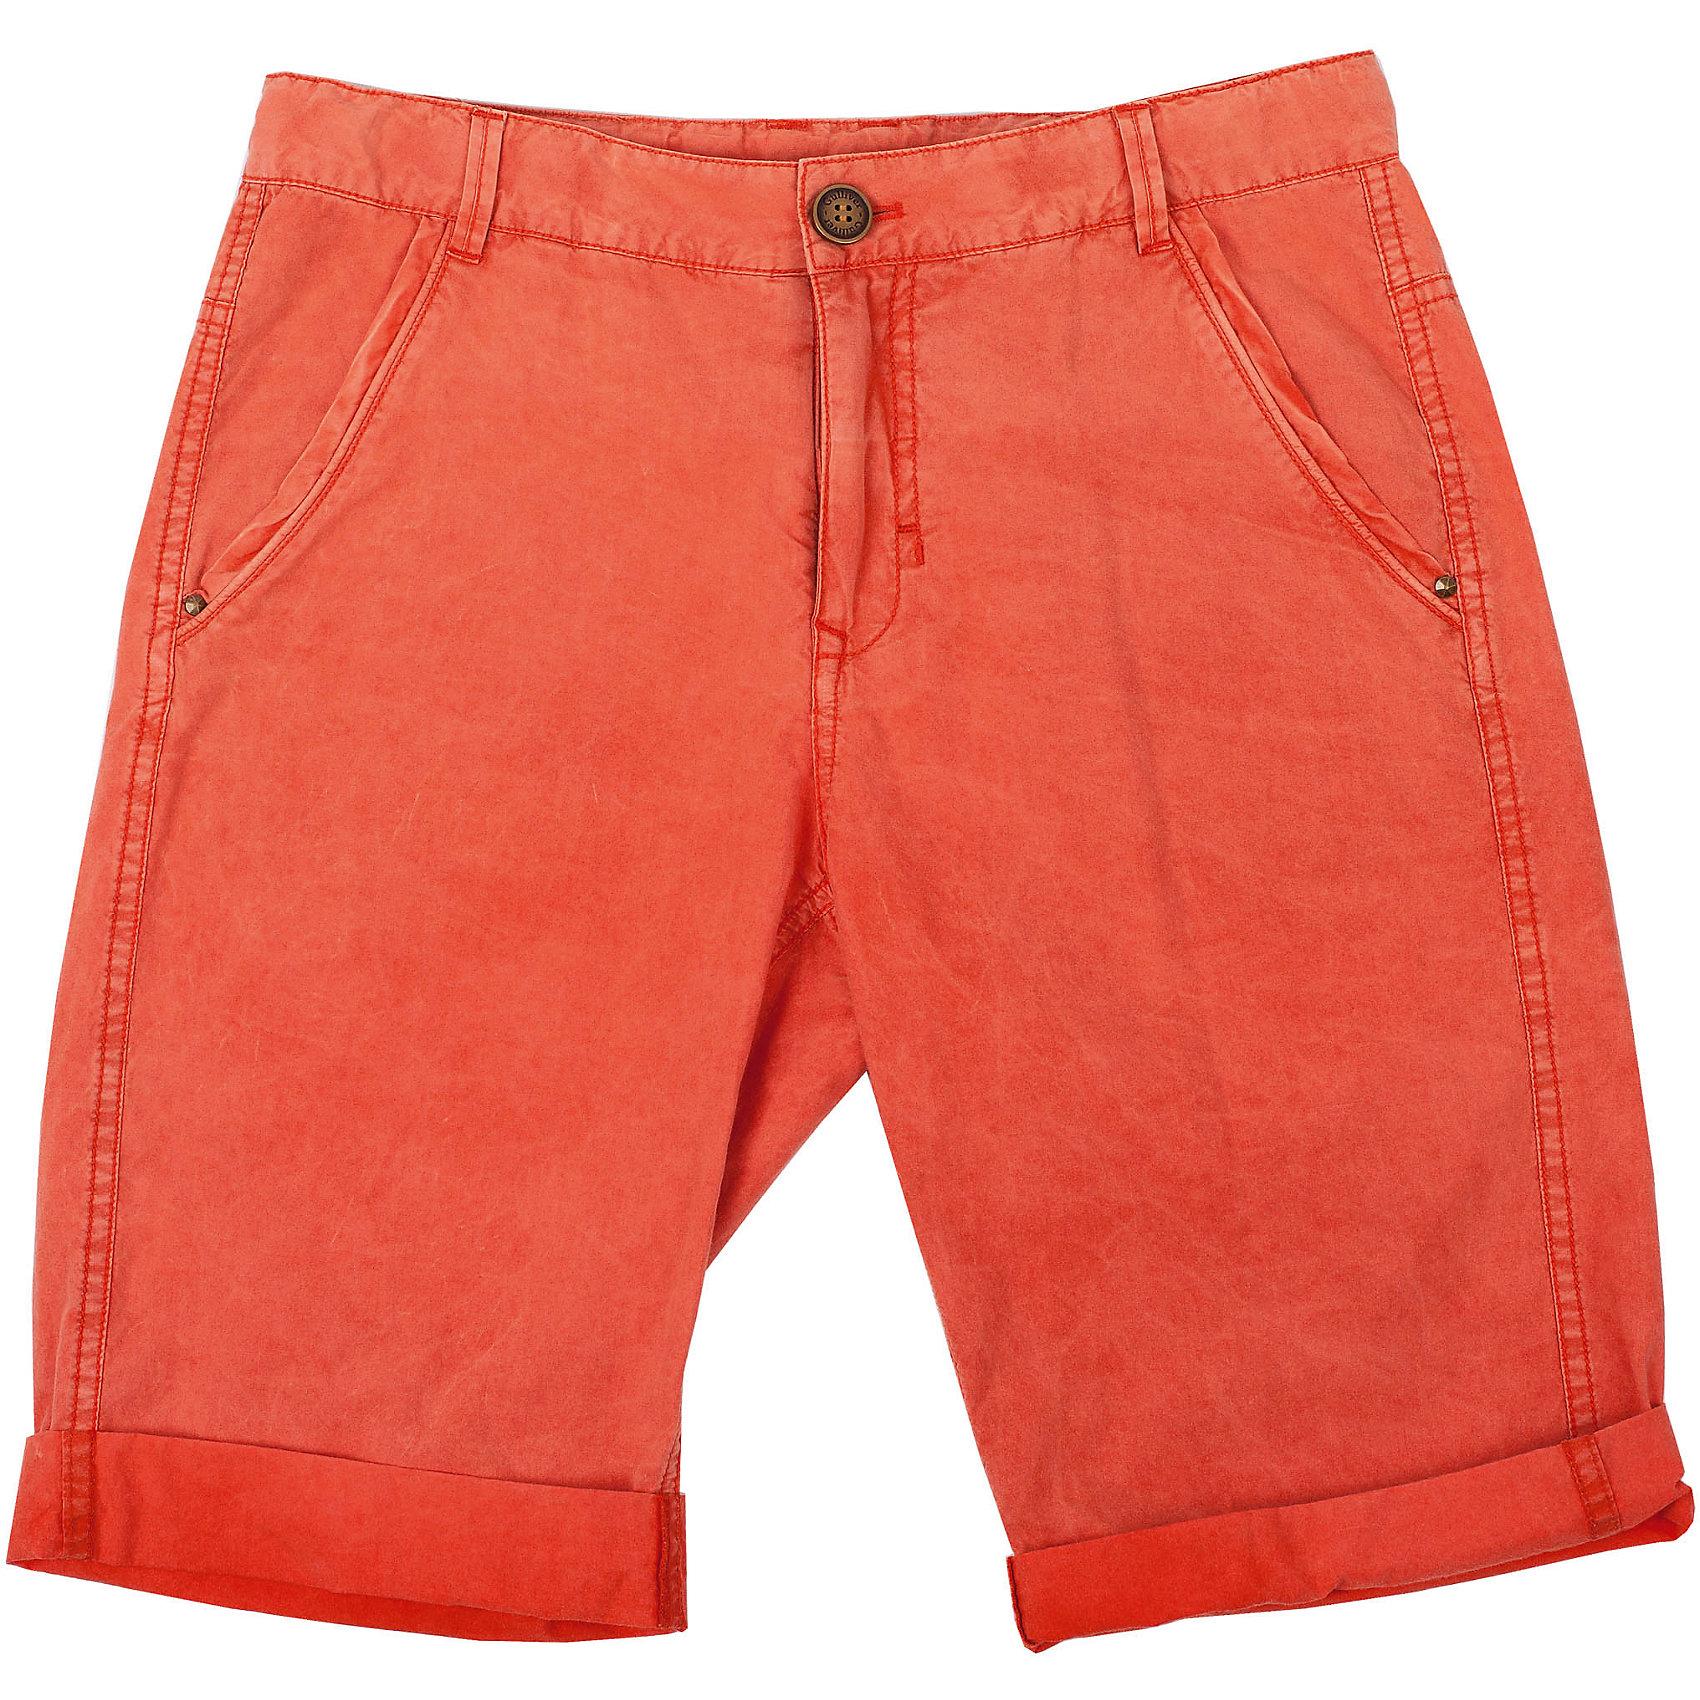 Шорты для мальчика GulliverЯркие шорты для мальчика - хит сезона Весна/Лето 2016. Модный цвет, специальная варка изделия, создающая эффект легкой потертости, состаренности изделия, интересный удобный крой делают эту модель незаменимым атрибутом модного подросткового гардероба. Вы хотите купить стильные комфортные шорты на каждый день? Модель, выполненная из мягкого цветного текстиля - оптимальное решение для практичного летнего гардероба стильного активного мальчика.<br>Состав:<br>100% хлопок<br><br>Ширина мм: 191<br>Глубина мм: 10<br>Высота мм: 175<br>Вес г: 273<br>Цвет: оранжевый<br>Возраст от месяцев: 144<br>Возраст до месяцев: 156<br>Пол: Мужской<br>Возраст: Детский<br>Размер: 158,164,146,152<br>SKU: 4535113